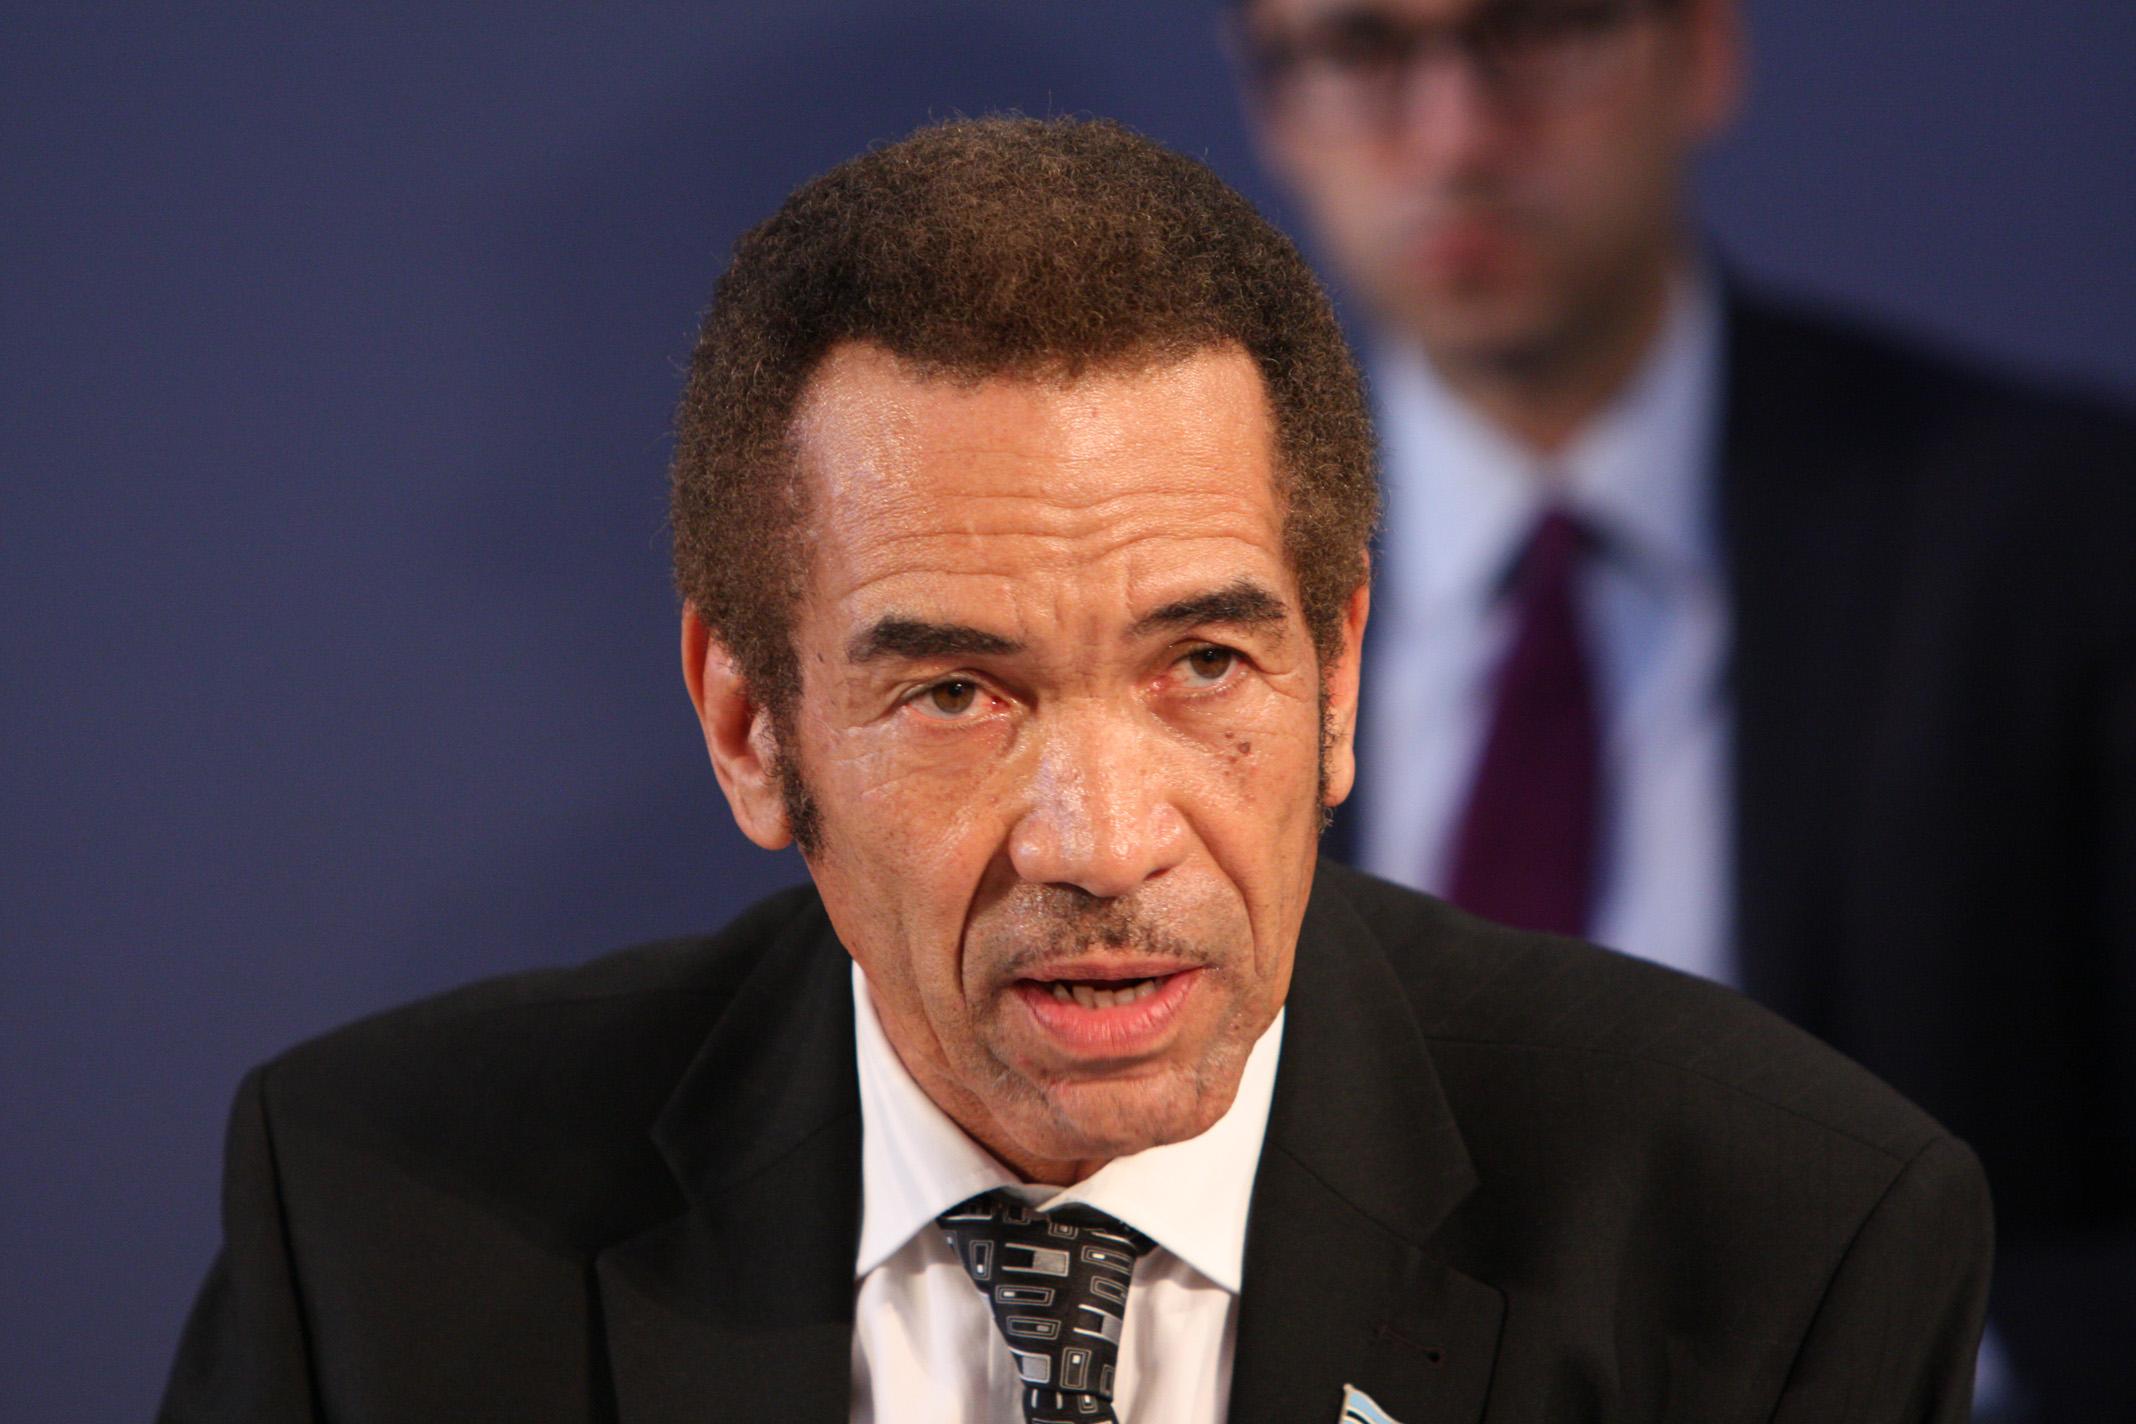 Tueries en RDC : Le Botswana exige des pressions internationales sur Kabila et les présidents à vie d'Afrique